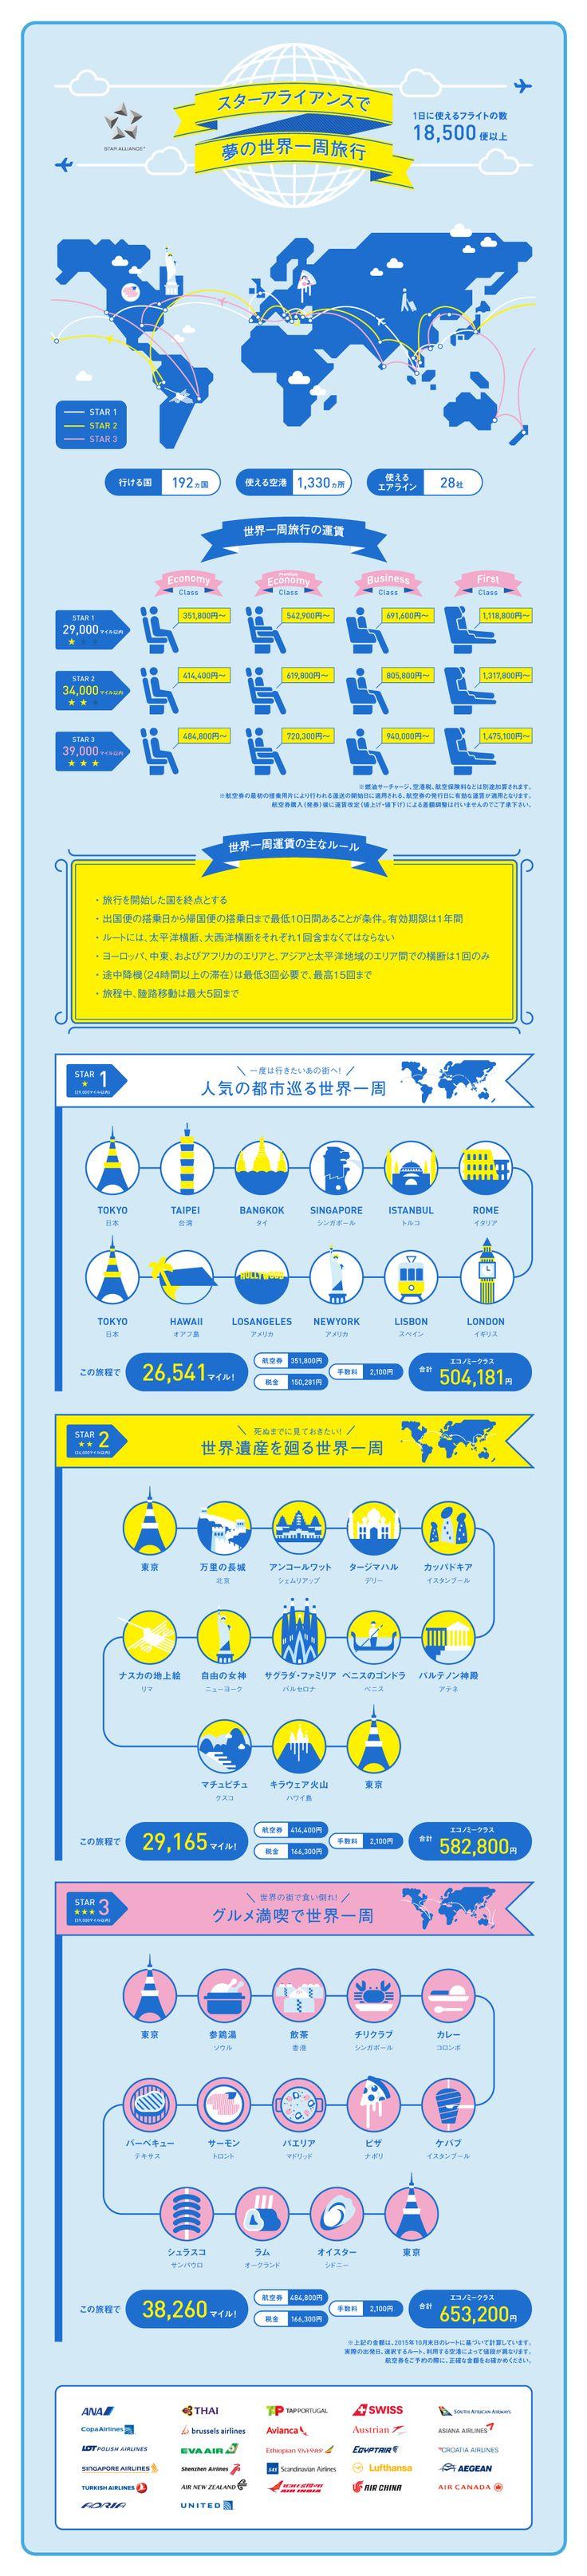 スターアライアンスで夢の世界一周旅行|Infographics|ANA Travel & Life